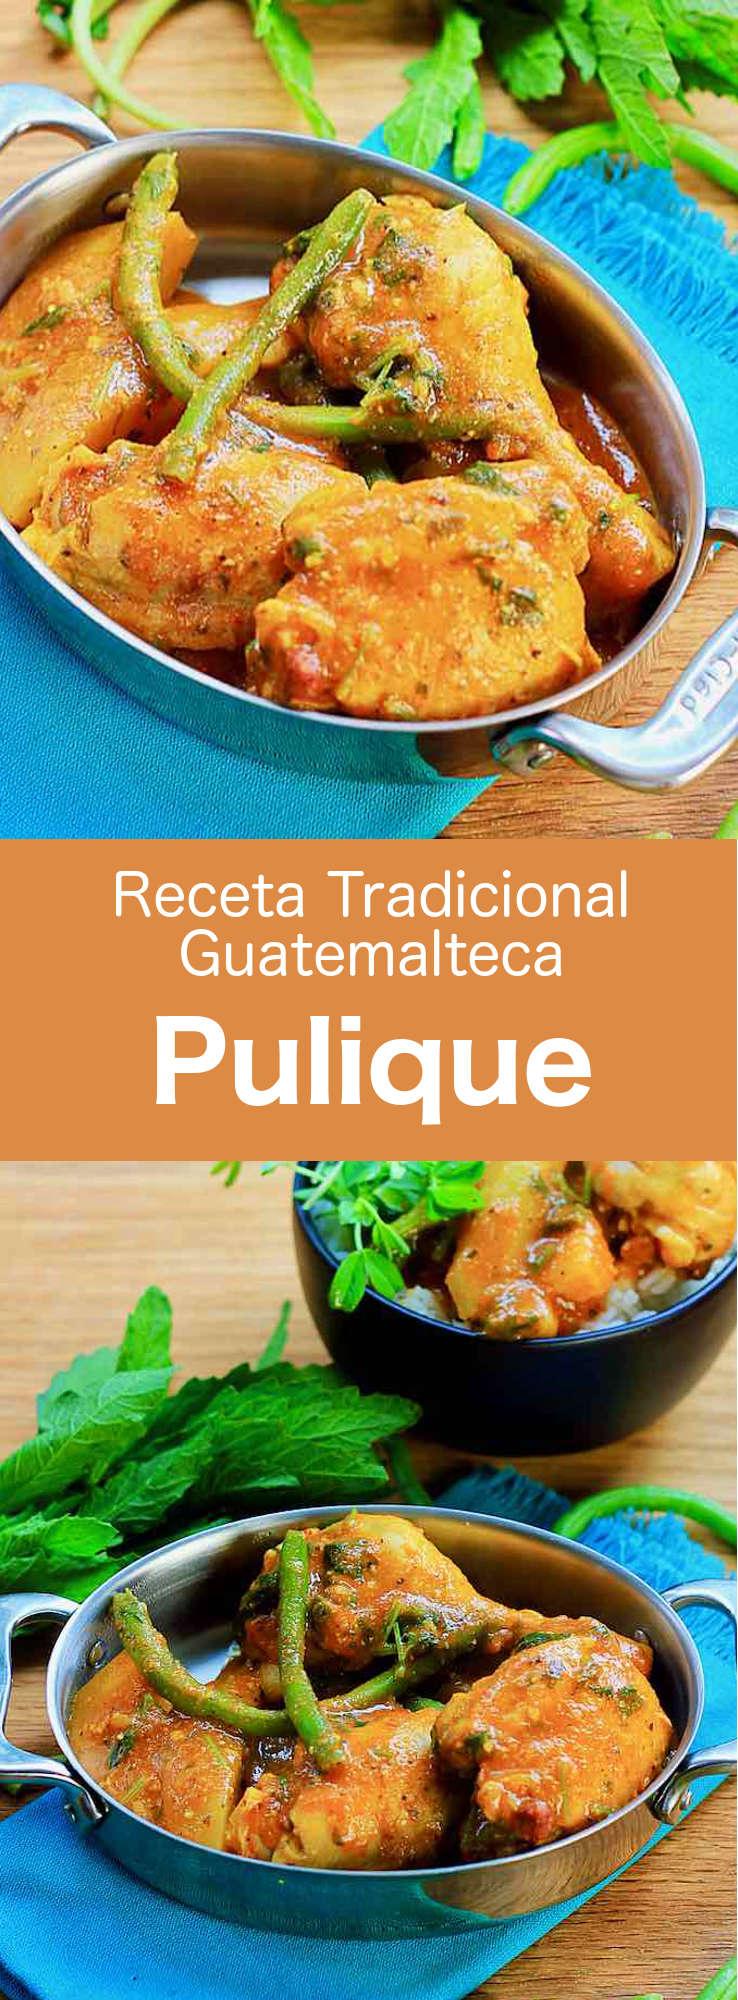 El pulique es un estofado espeso de carne y verduras, que se puede preparar con pollo, ternera o cerdo. Se conoce como uno de los platos nacionales de Guatemala.